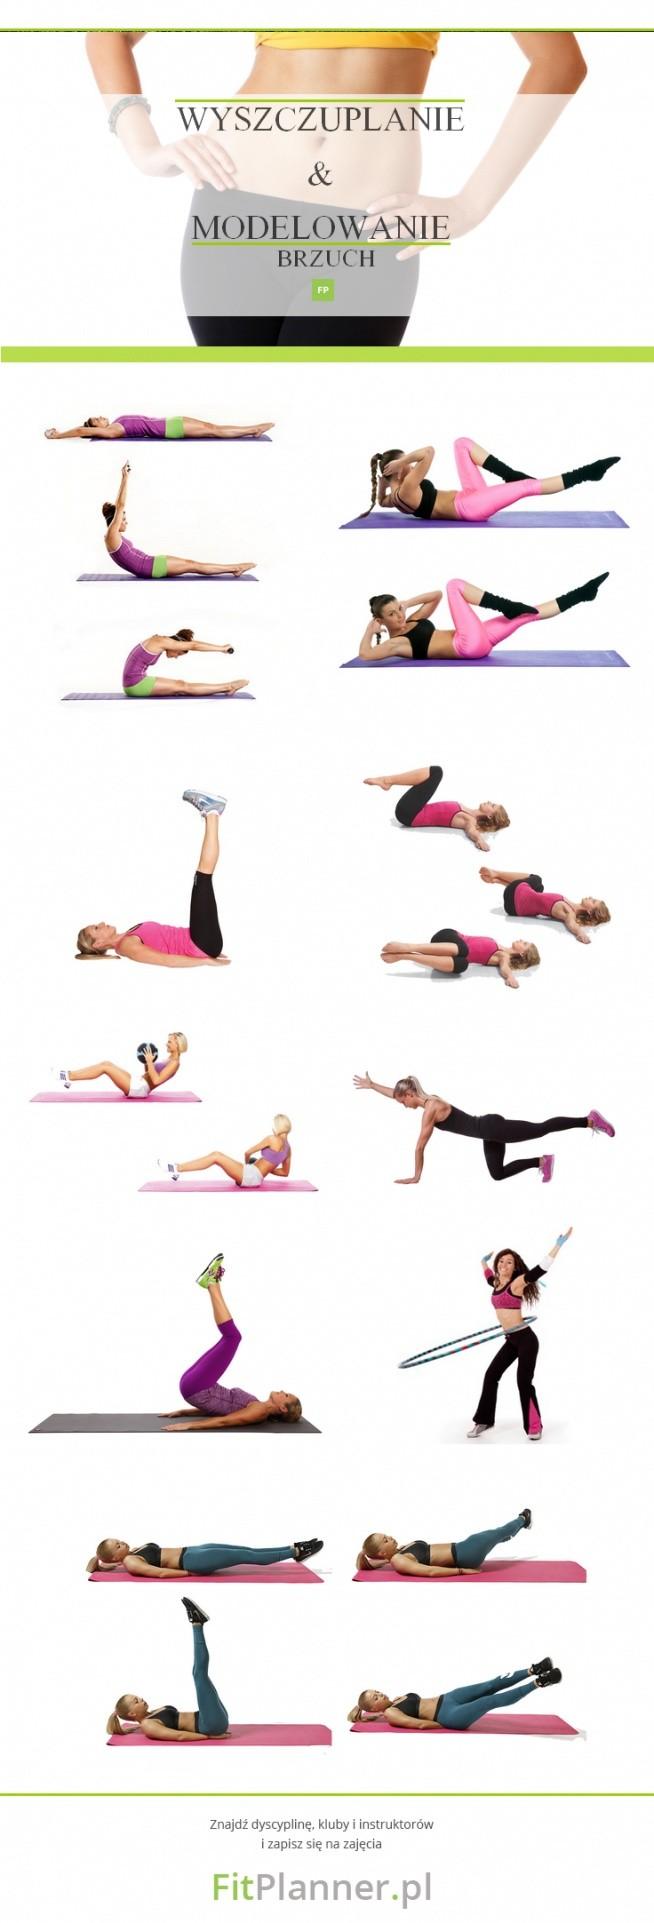 Ćwiczenia na płaski brzuch ❤️  Wykonaj każde ćwiczenie w 3 seriach po 60 sekund.  --- FitPlanner - wyszukiwarka zajęć sportowych, klubów fitness i instruktorów.